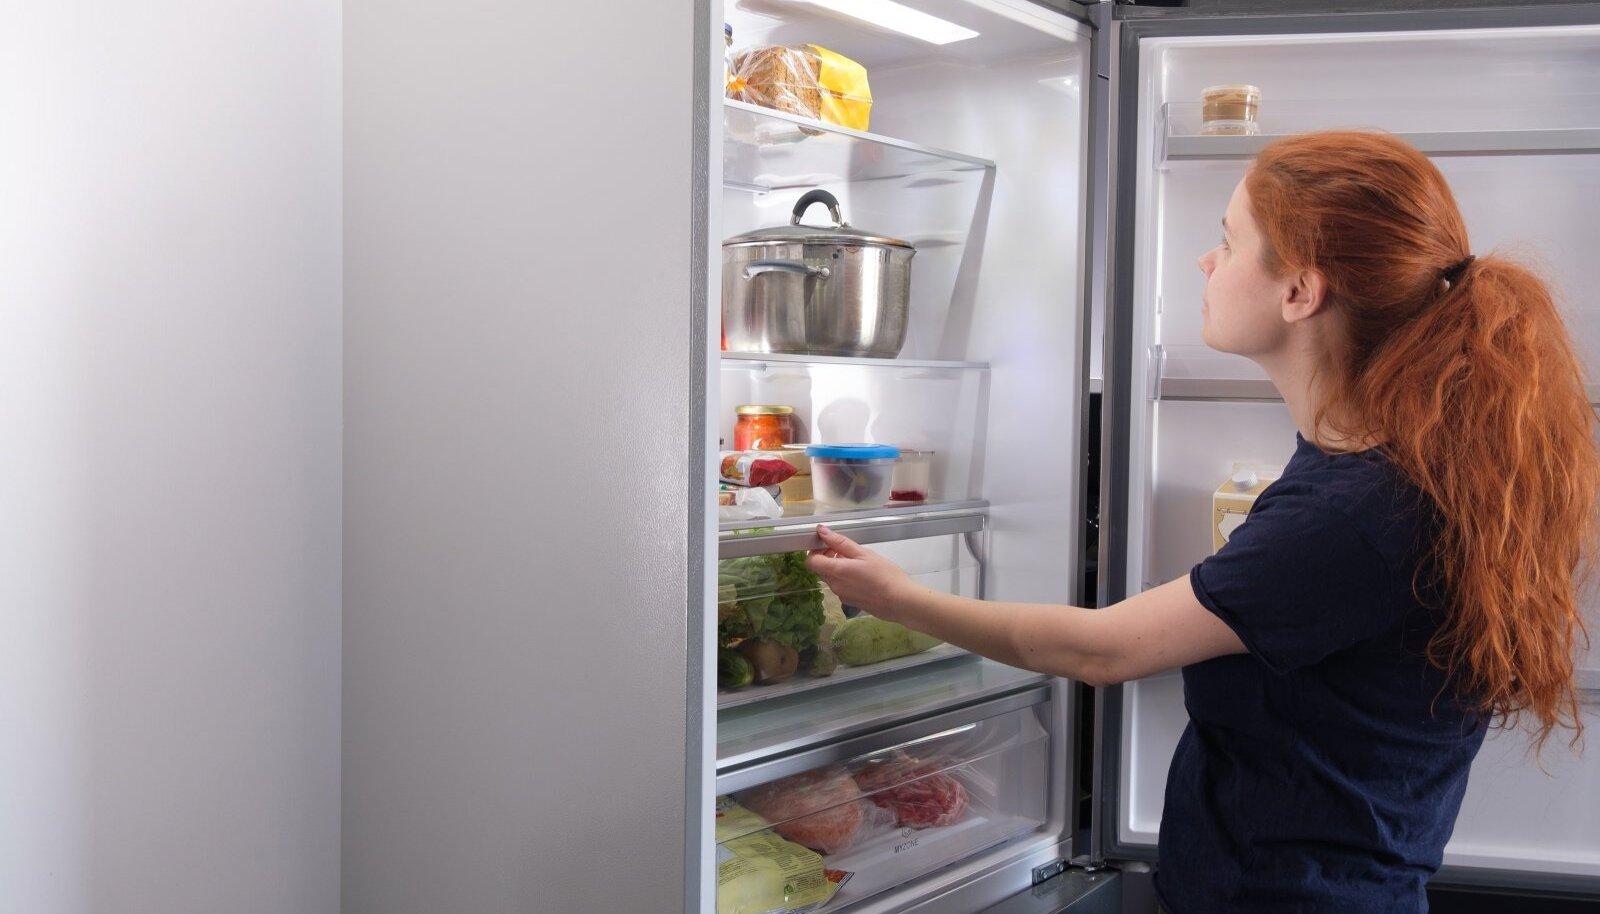 Tihedad külmiku avamised on enim levinud just noorte seas.